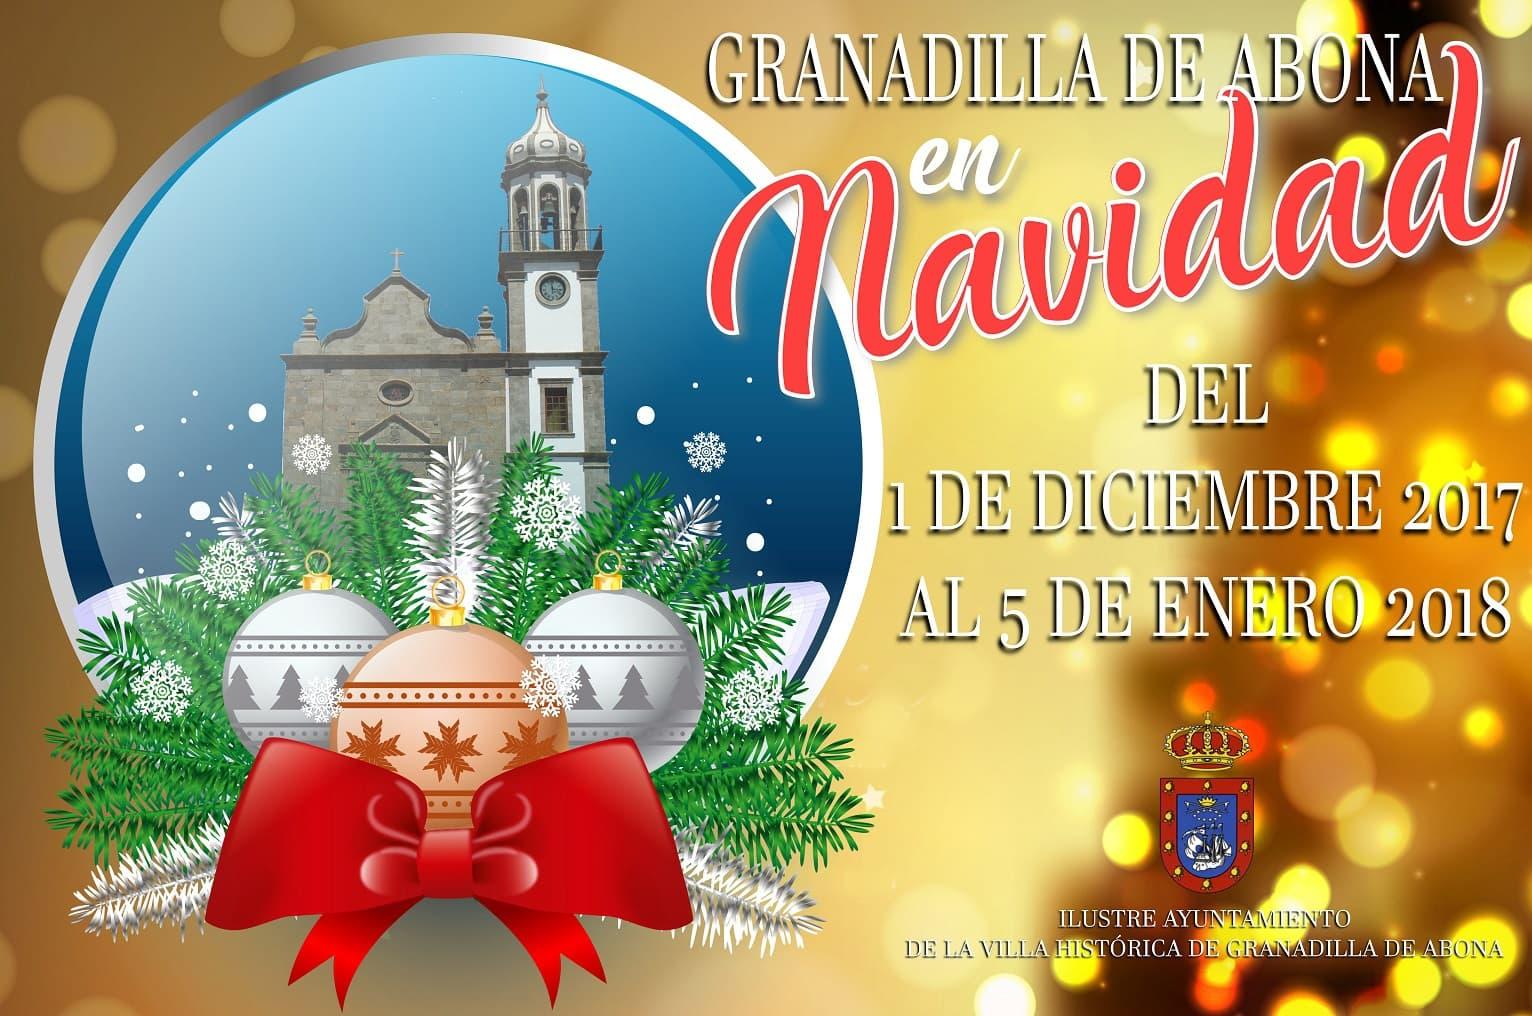 Estas tradicionales Fiestas (Navidad, Fin de Año y Reyes) en Granadilla de Abona